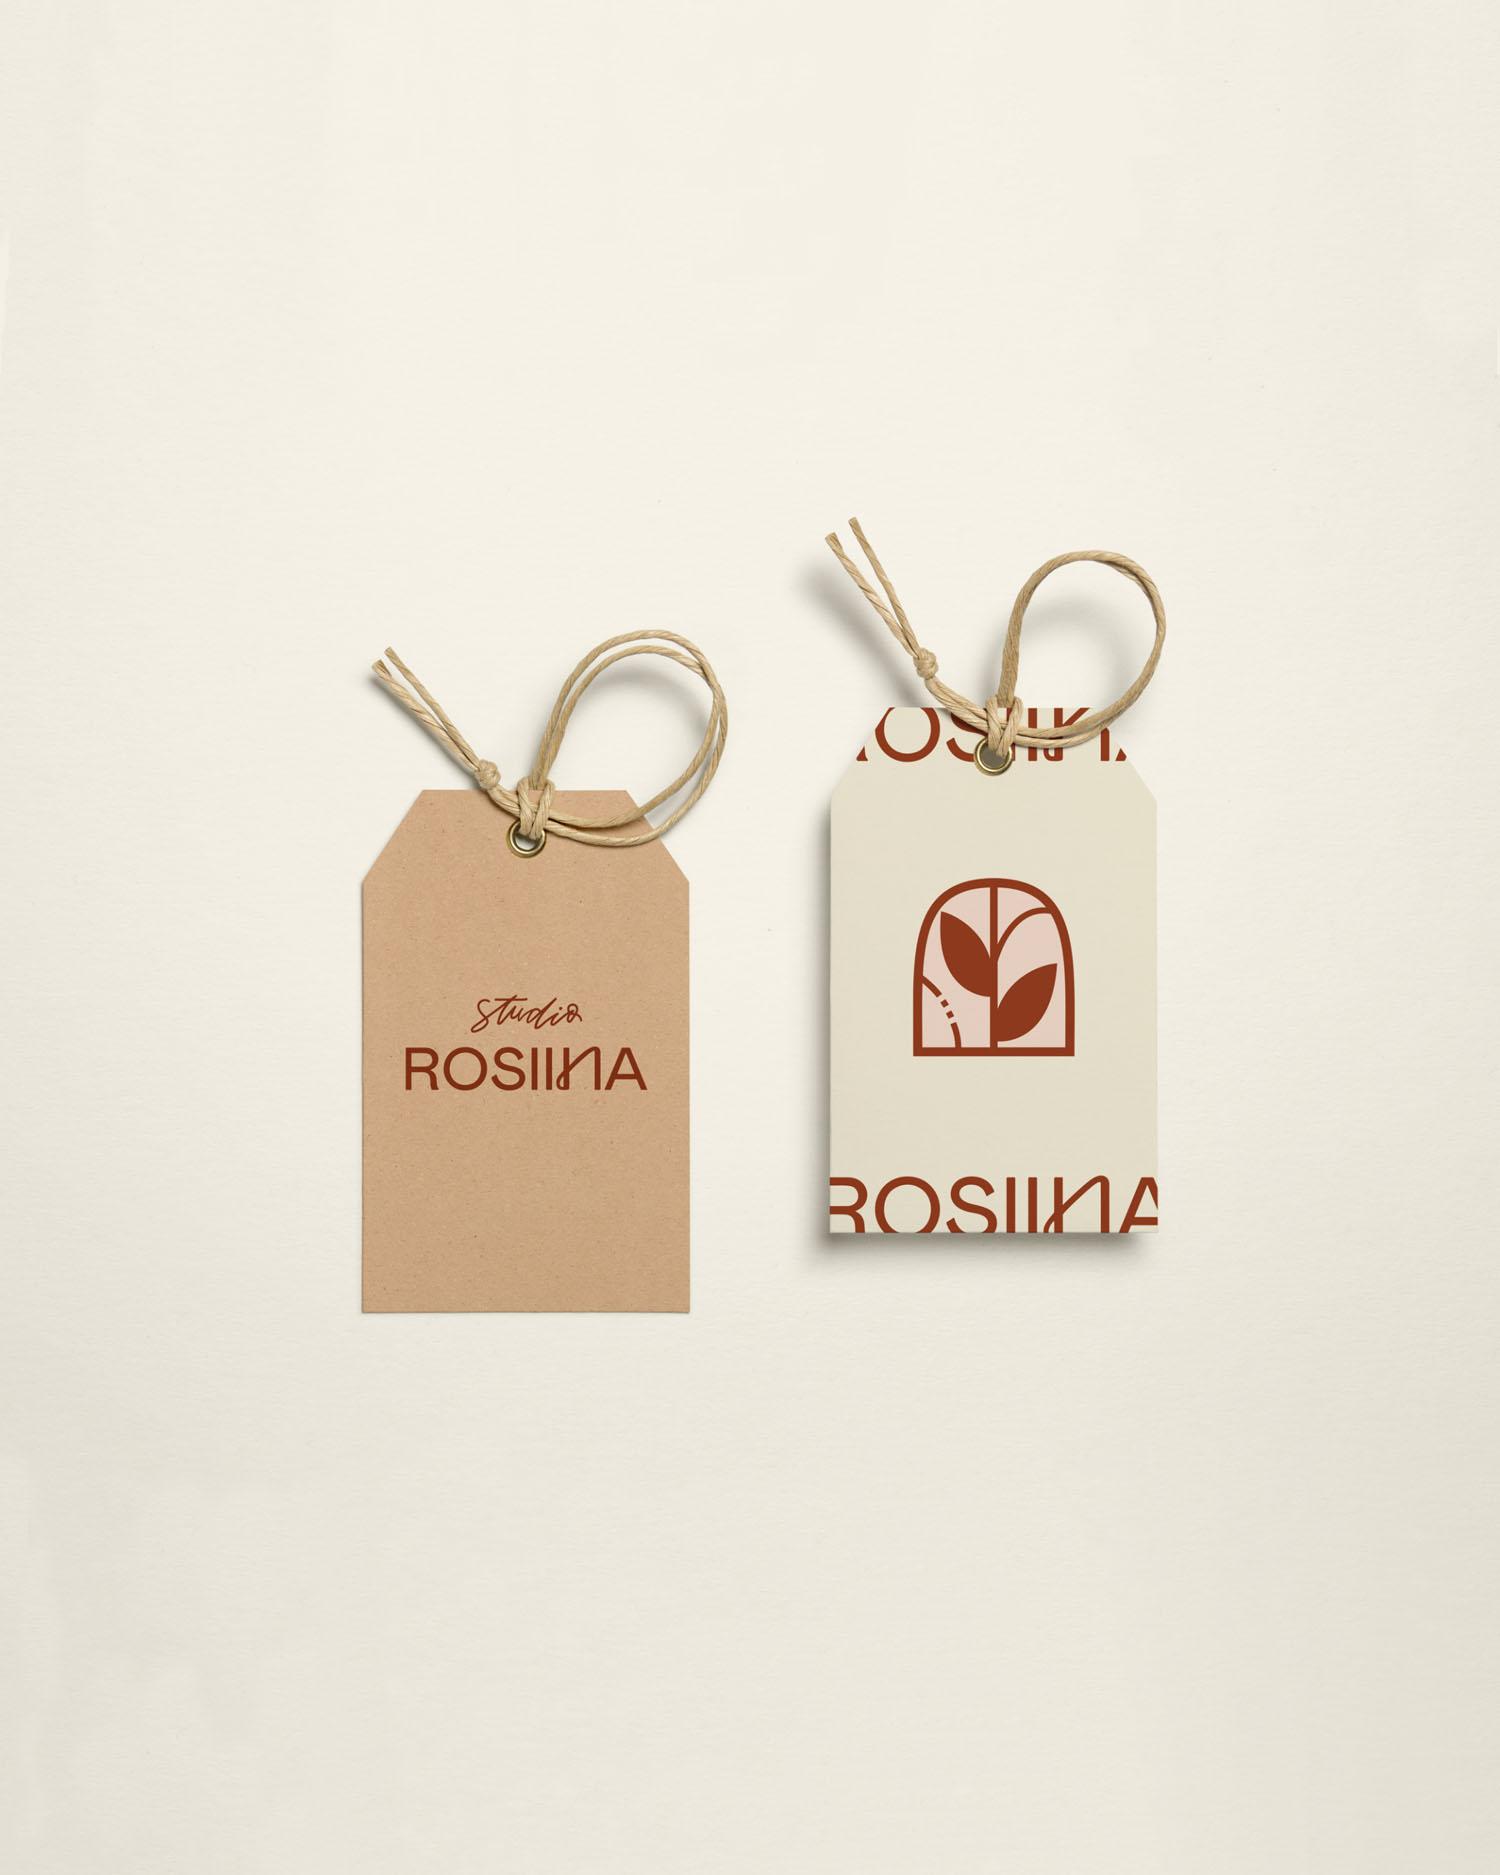 Studio Rosiinan vaatetagit logolla ja brändimerkillä